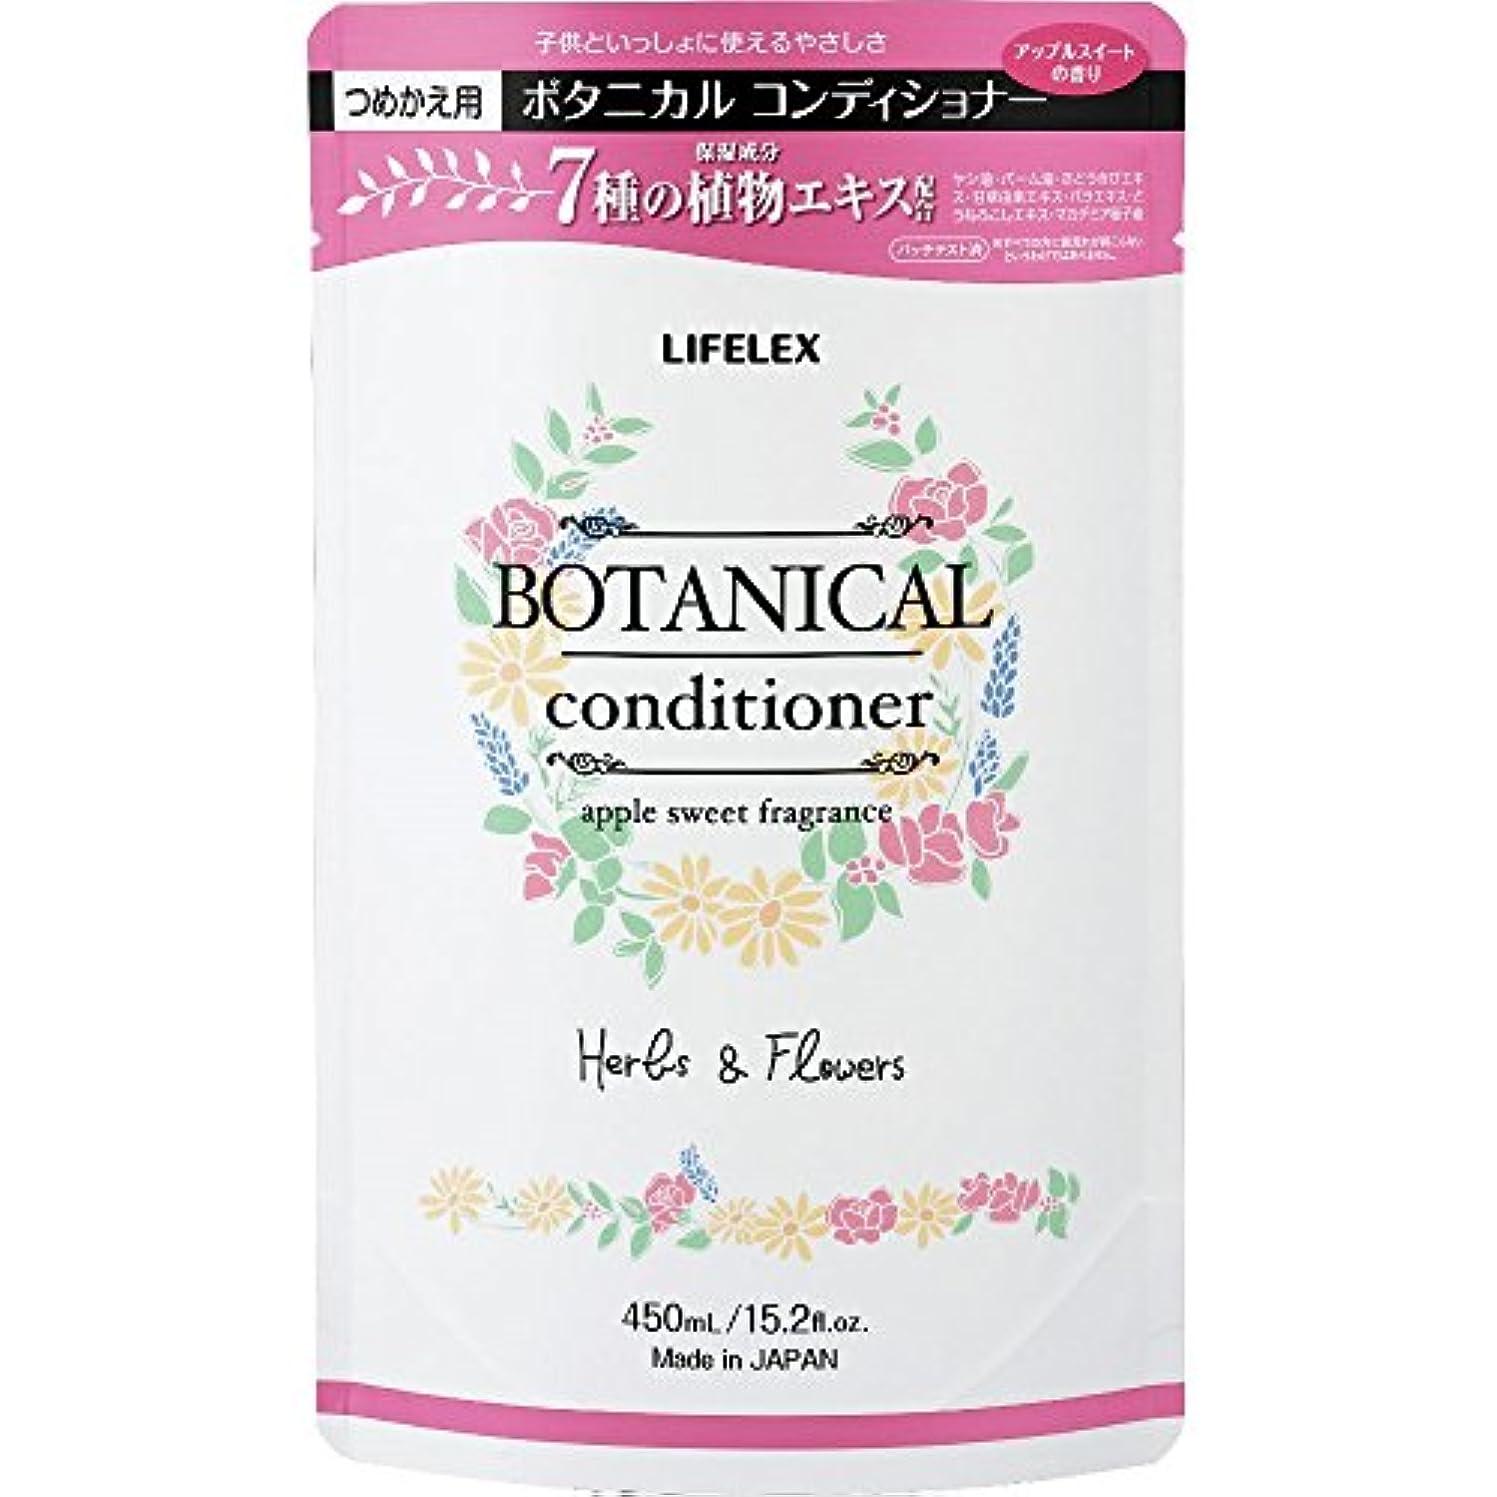 タイル厳密に縁石コーナン オリジナル LIFELEX ボタニカル コンディショナー アップルスイートの香り 詰め替え